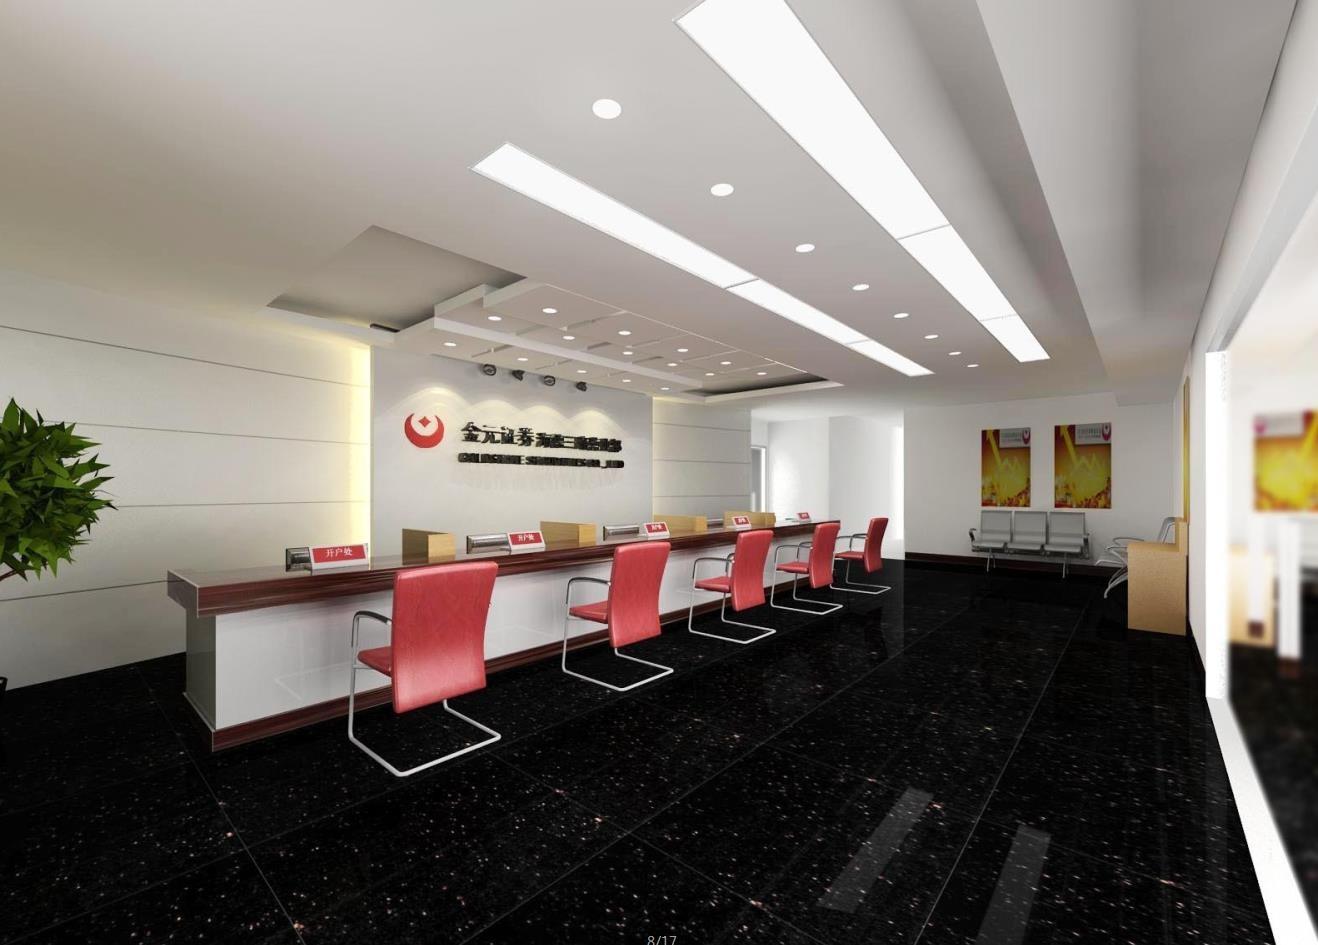 深圳华侨城办公室装修网办公室装修风格很重要图片